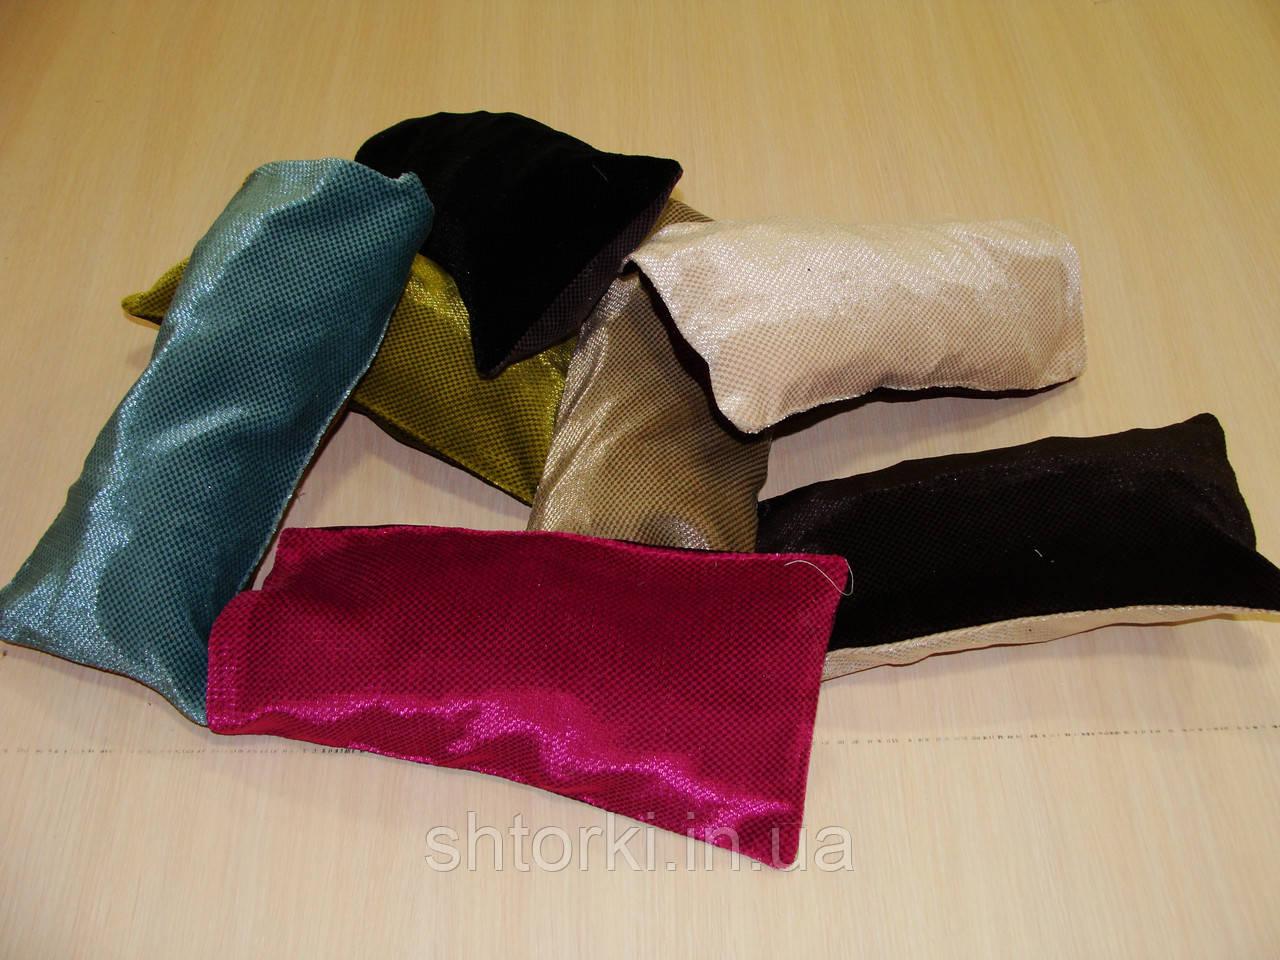 Комплект подушечек бархатные разноцветные, 7шт